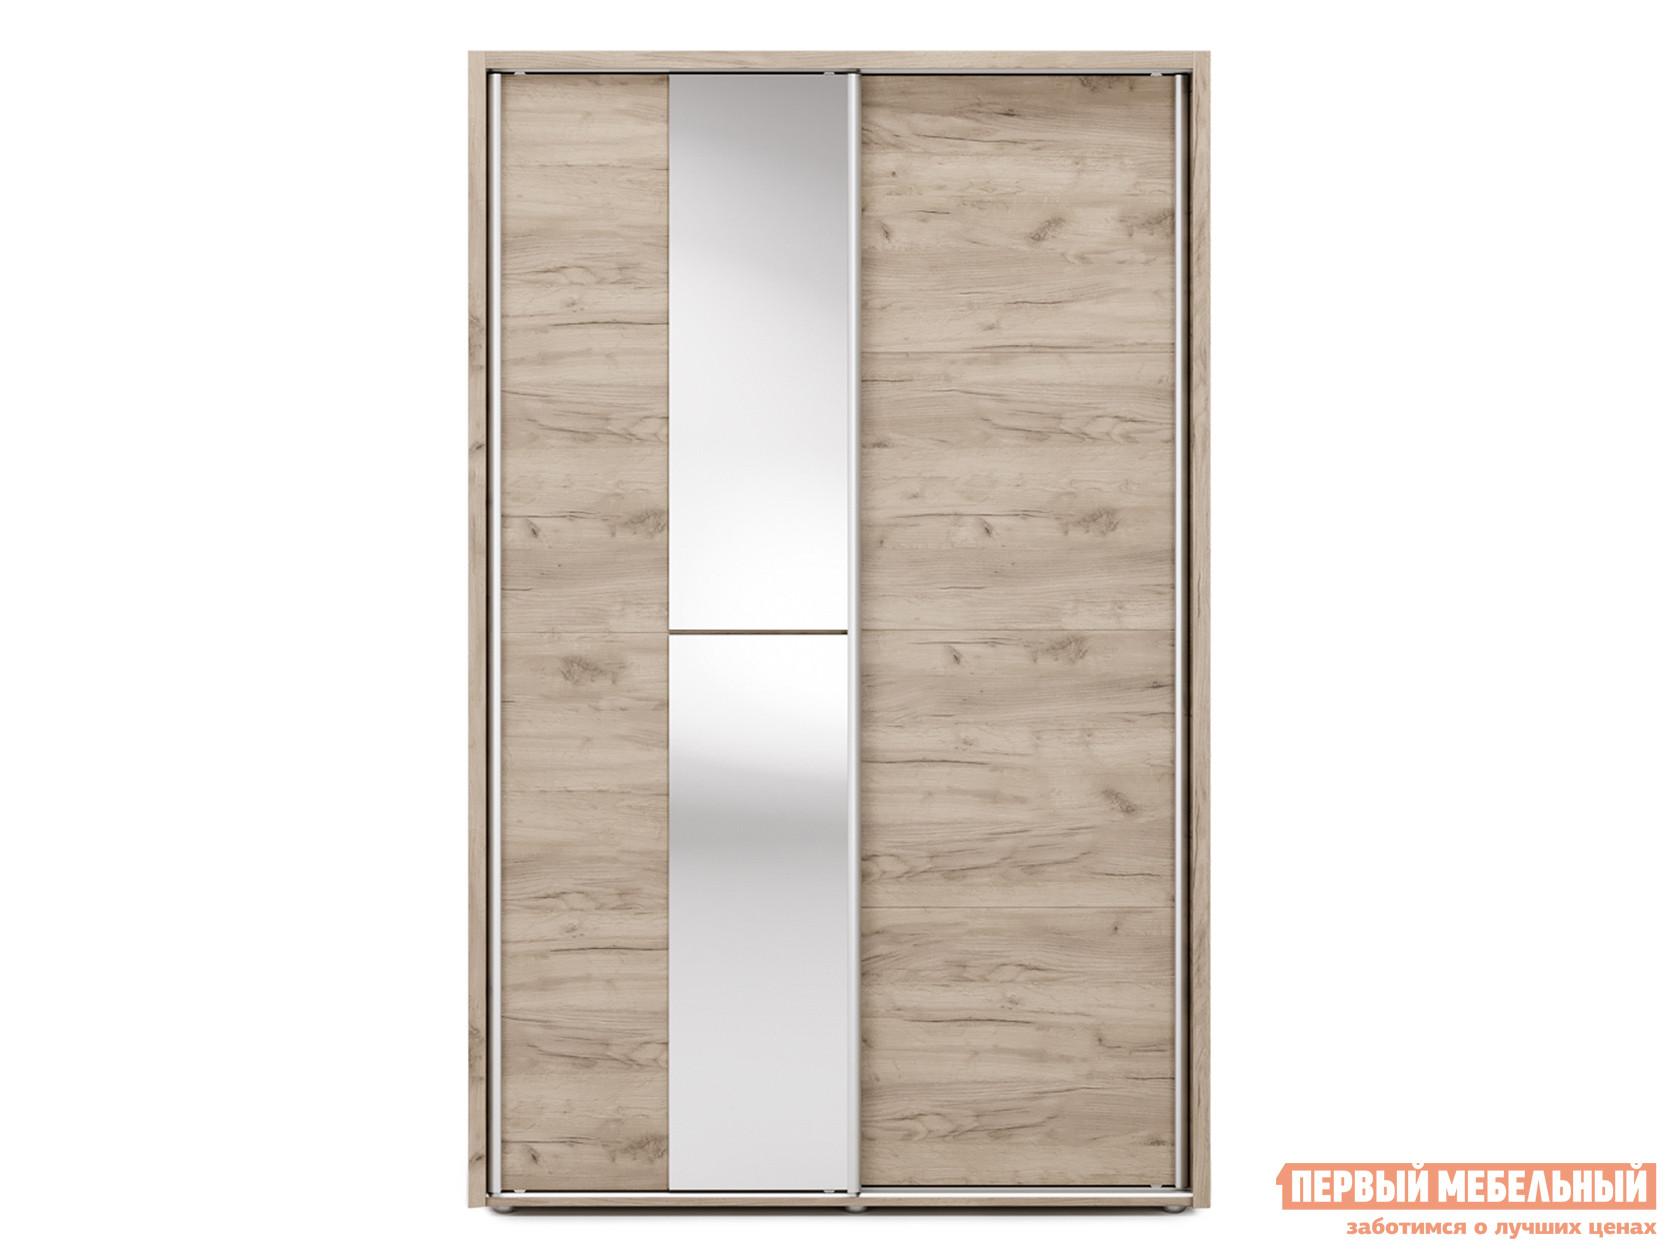 Шкаф-купе с зеркалом Первый Мебельный Огайо с зеркалом